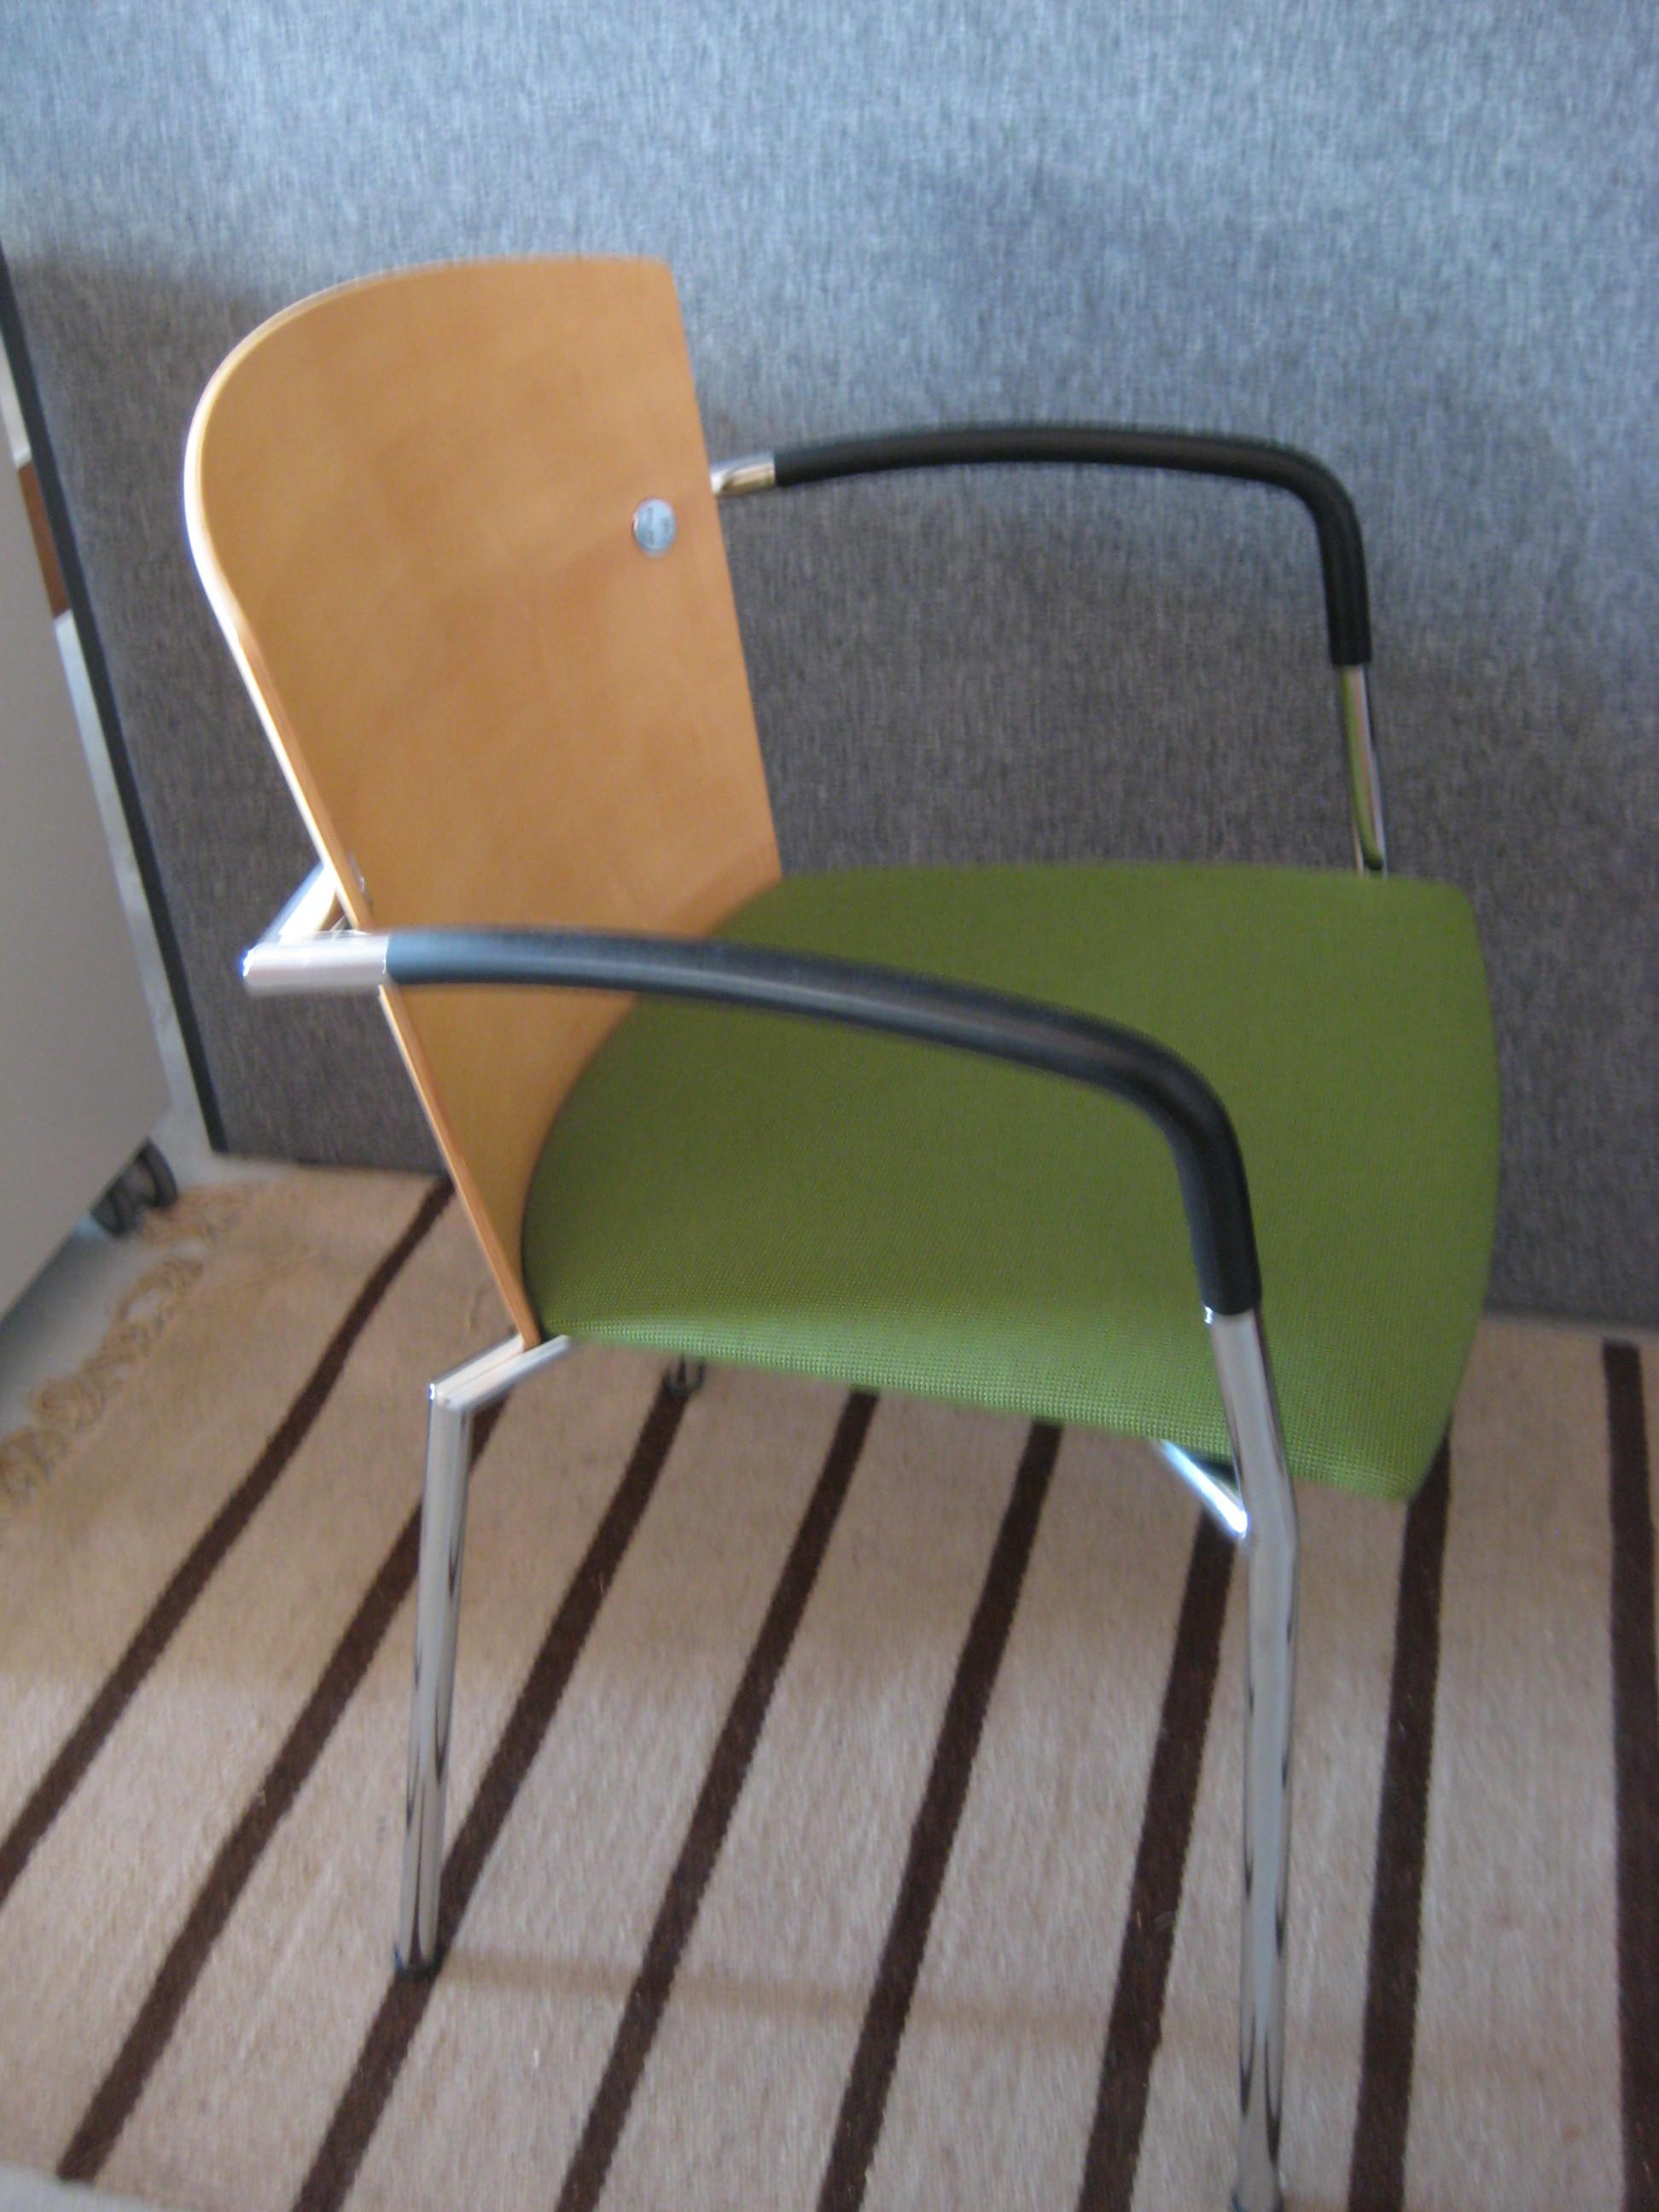 Radius mødestol med armlæn